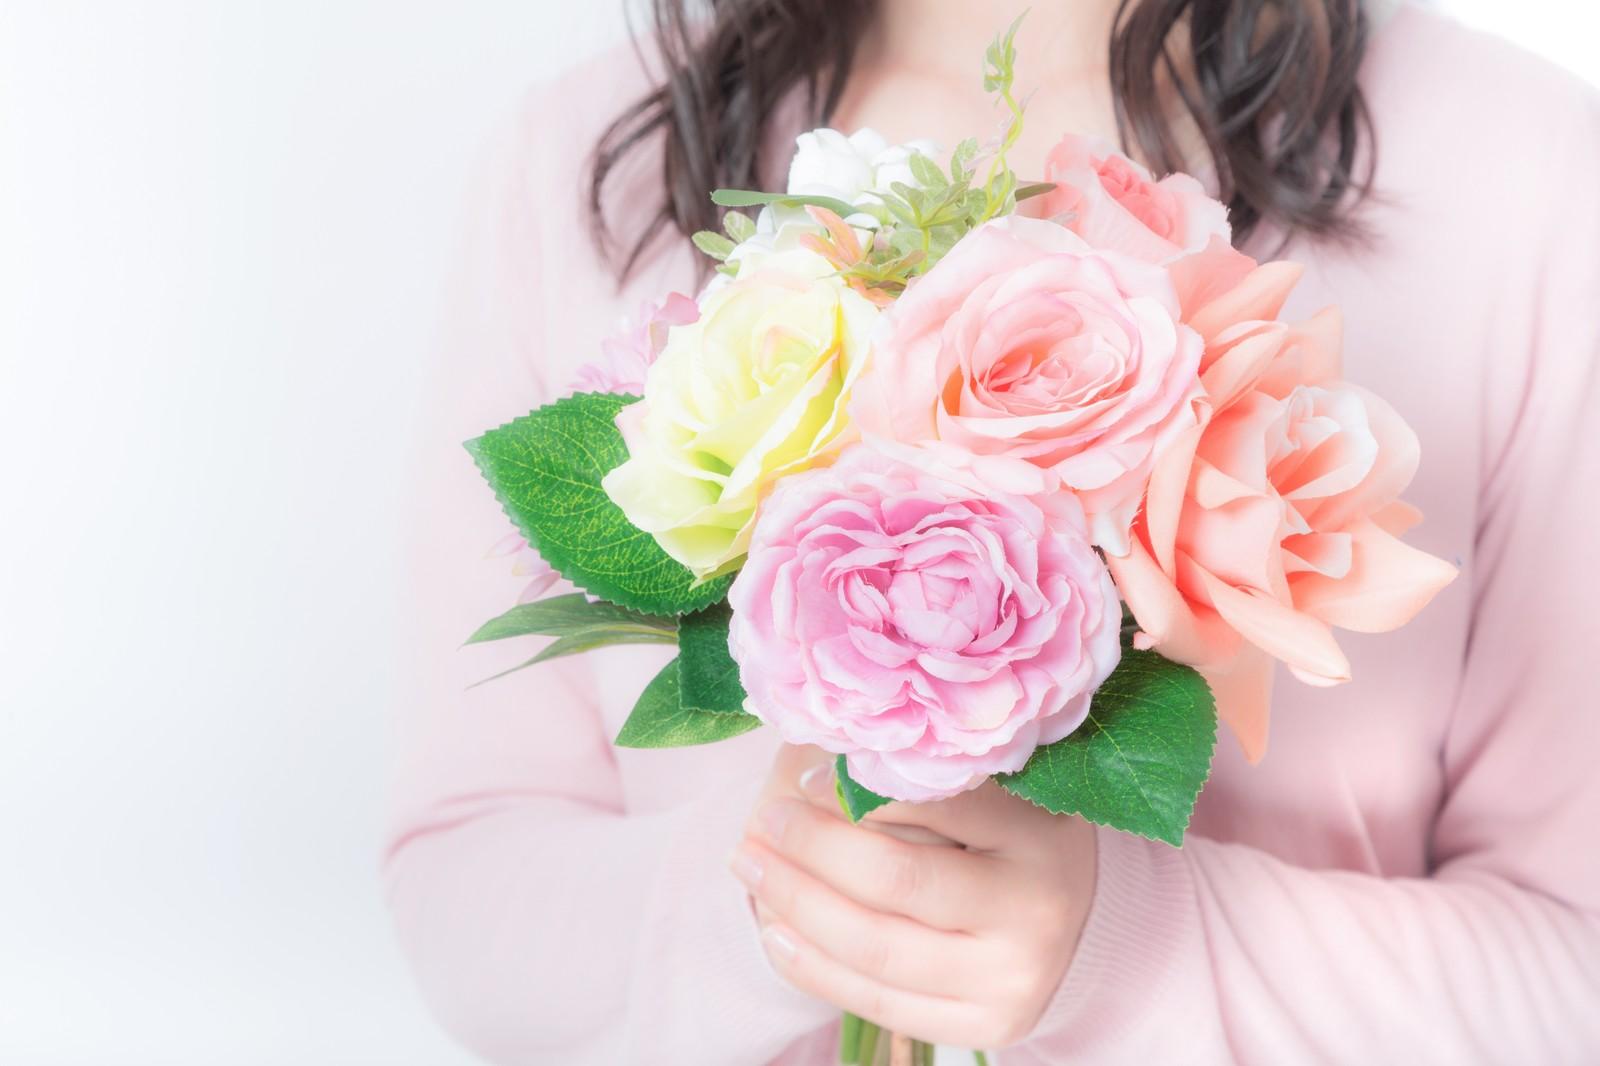 【世代別】絶対喜ばれる!母の日おすすめ人気プレゼント20選!